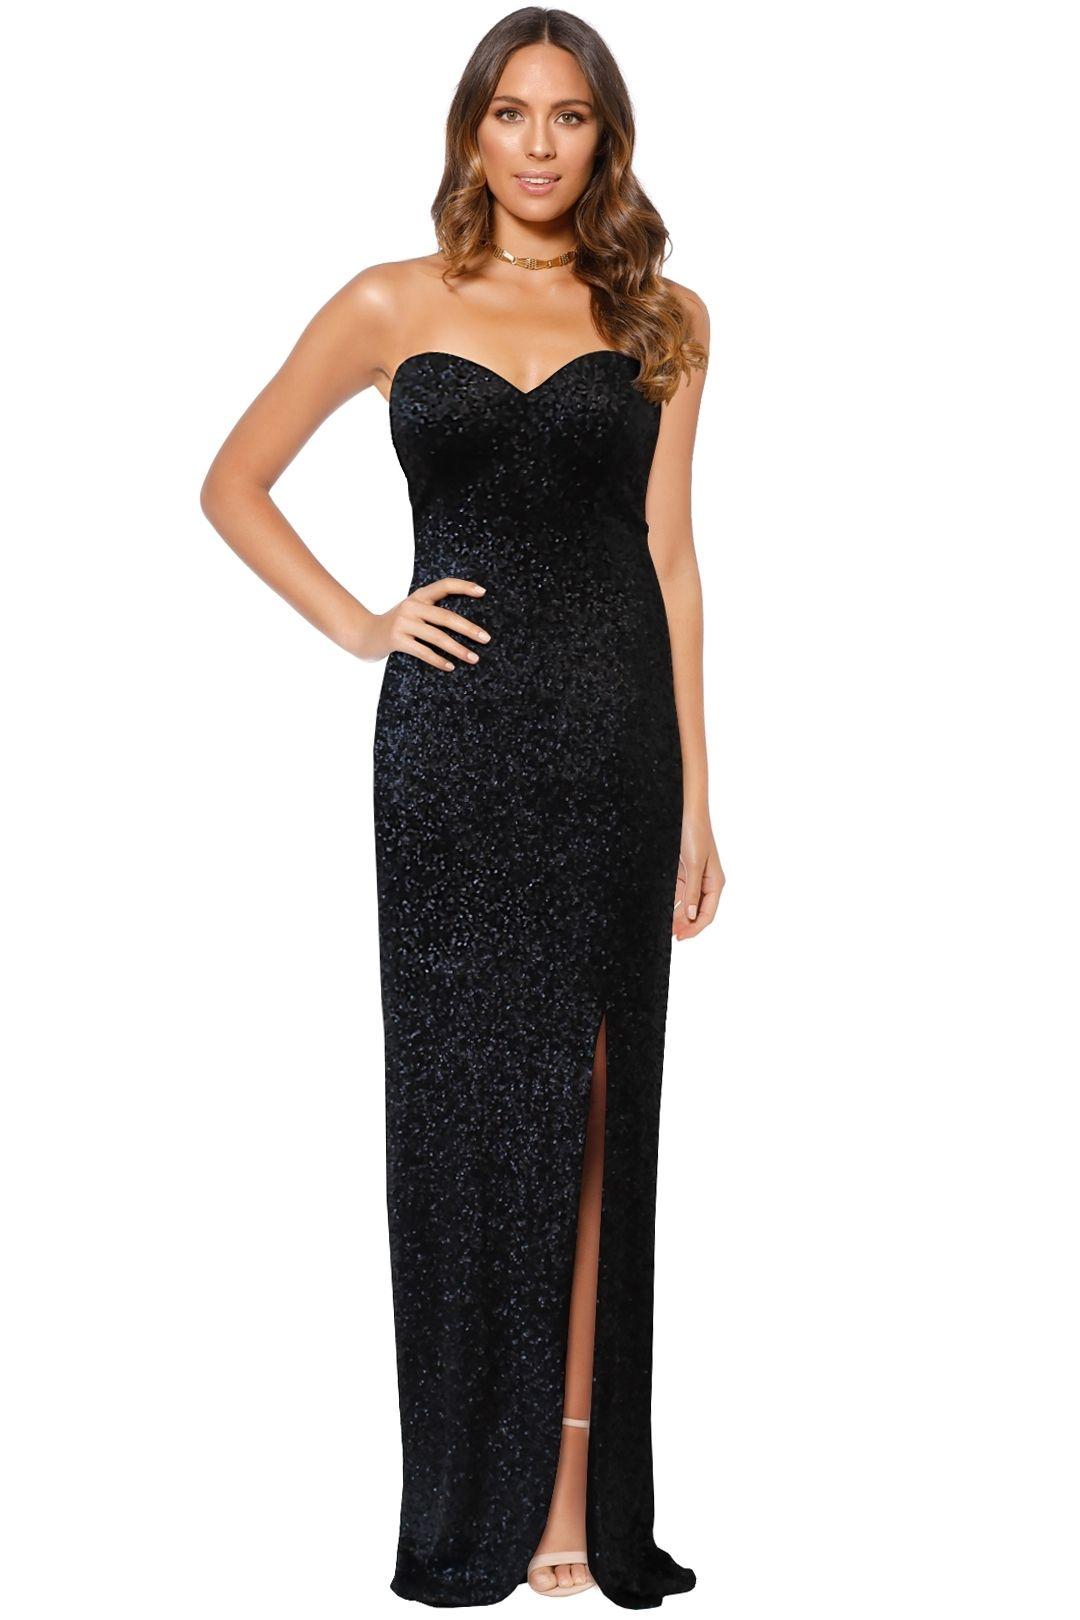 Jadore - Sequin Split Maxi Dress - Black - Front